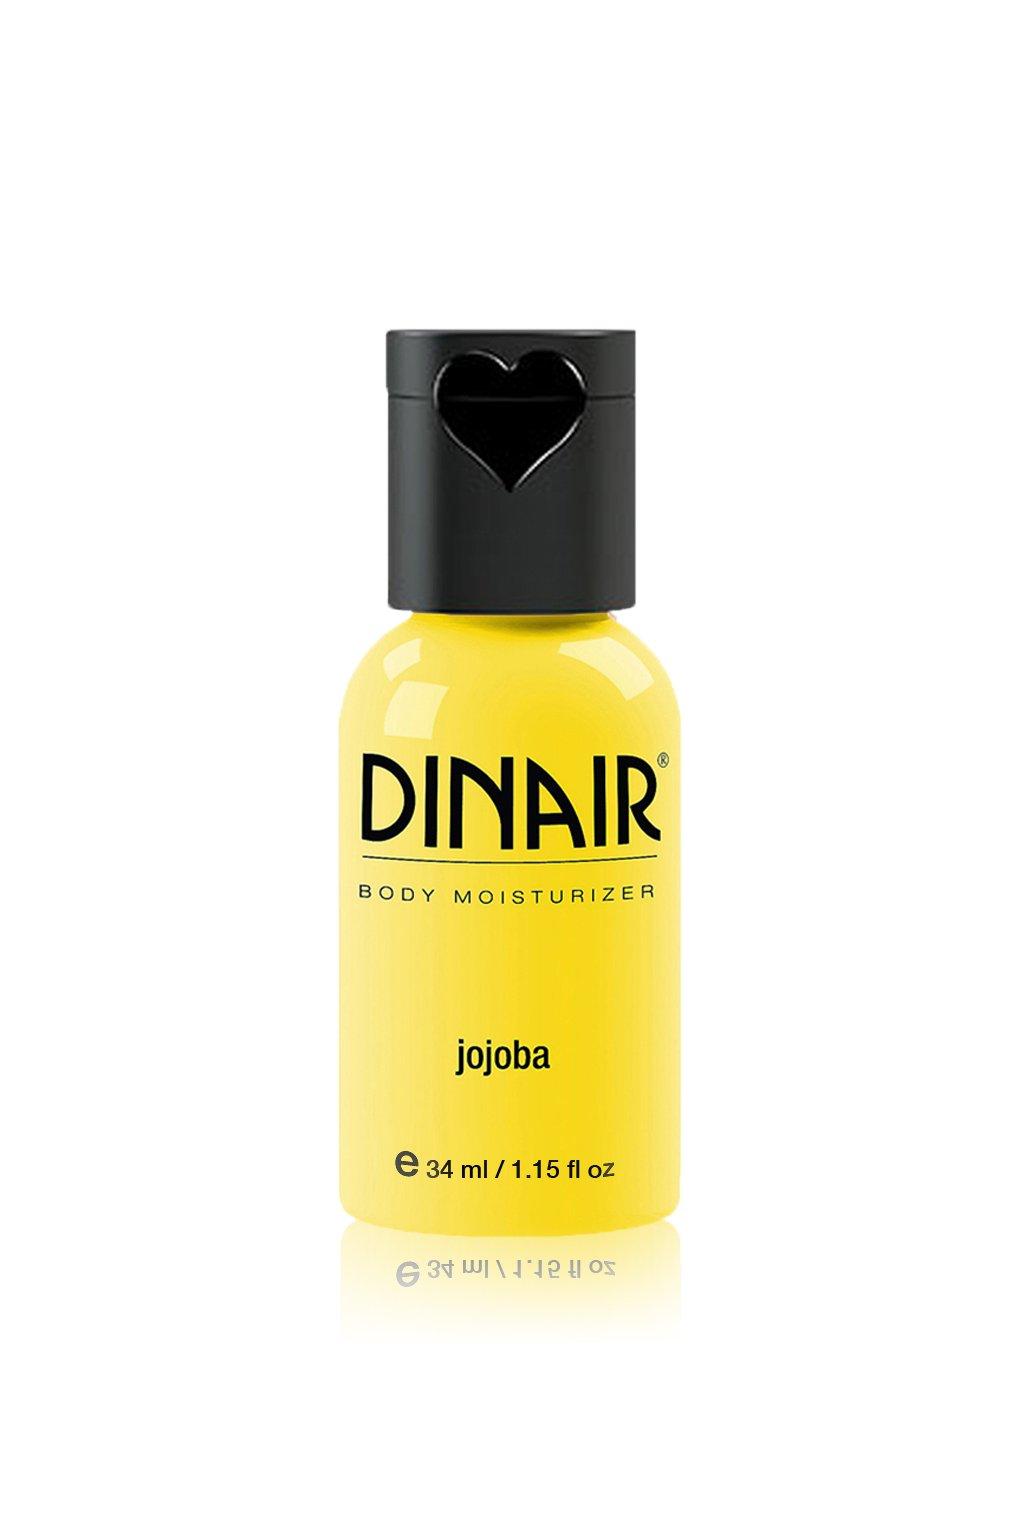 Dinair Body Moisturizer - Jojoba